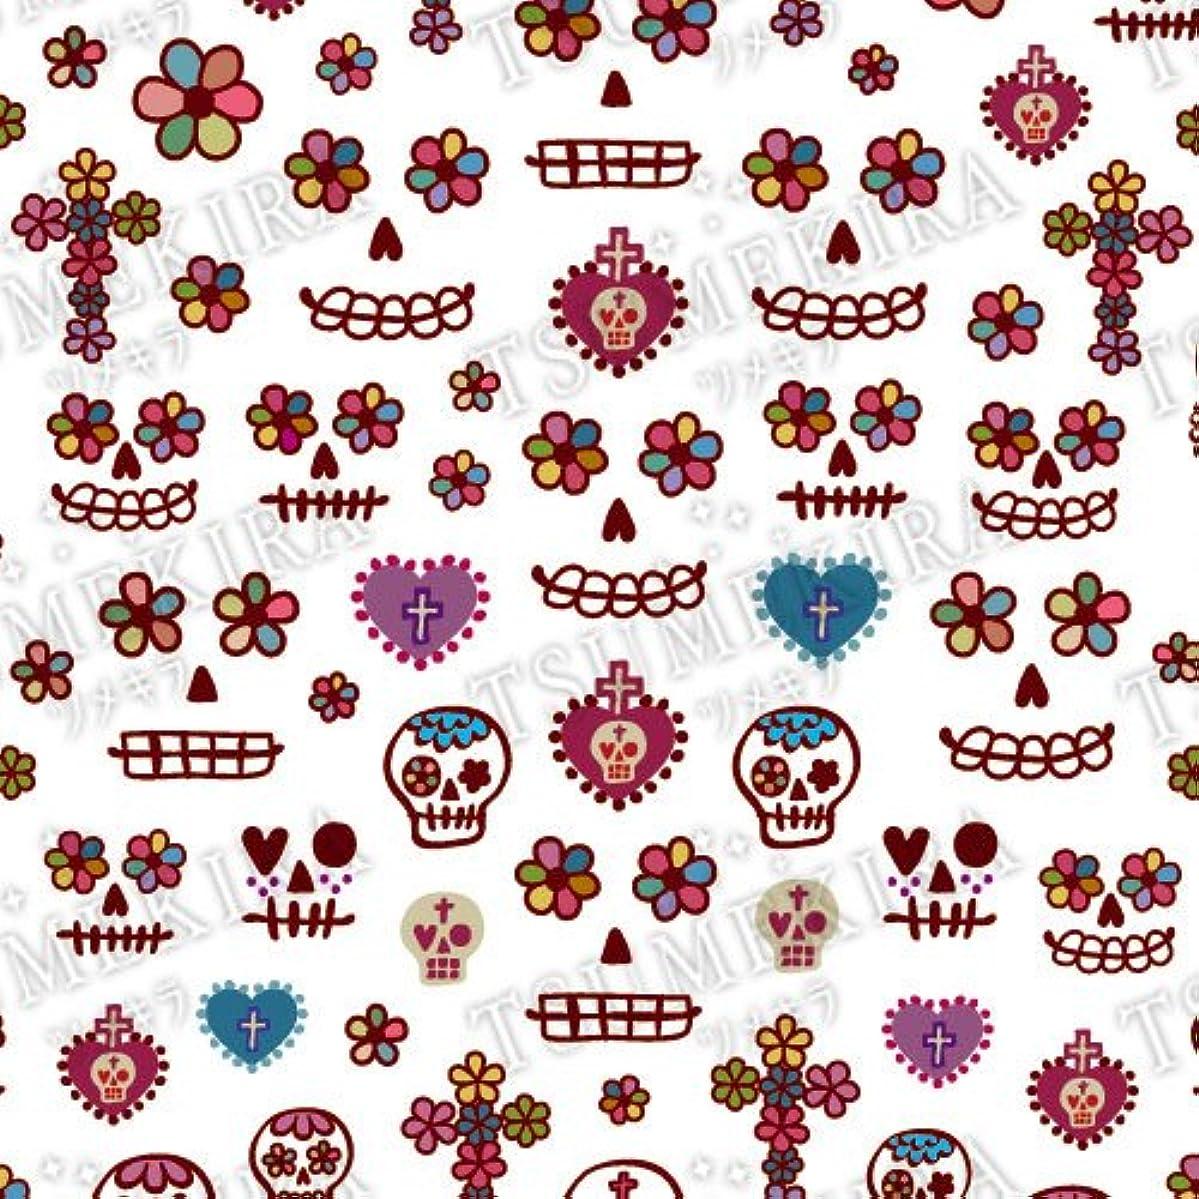 ありそうサーマル縁石ツメキラ ネイル用シール メンズスタイル メキシカンスカル マルーン